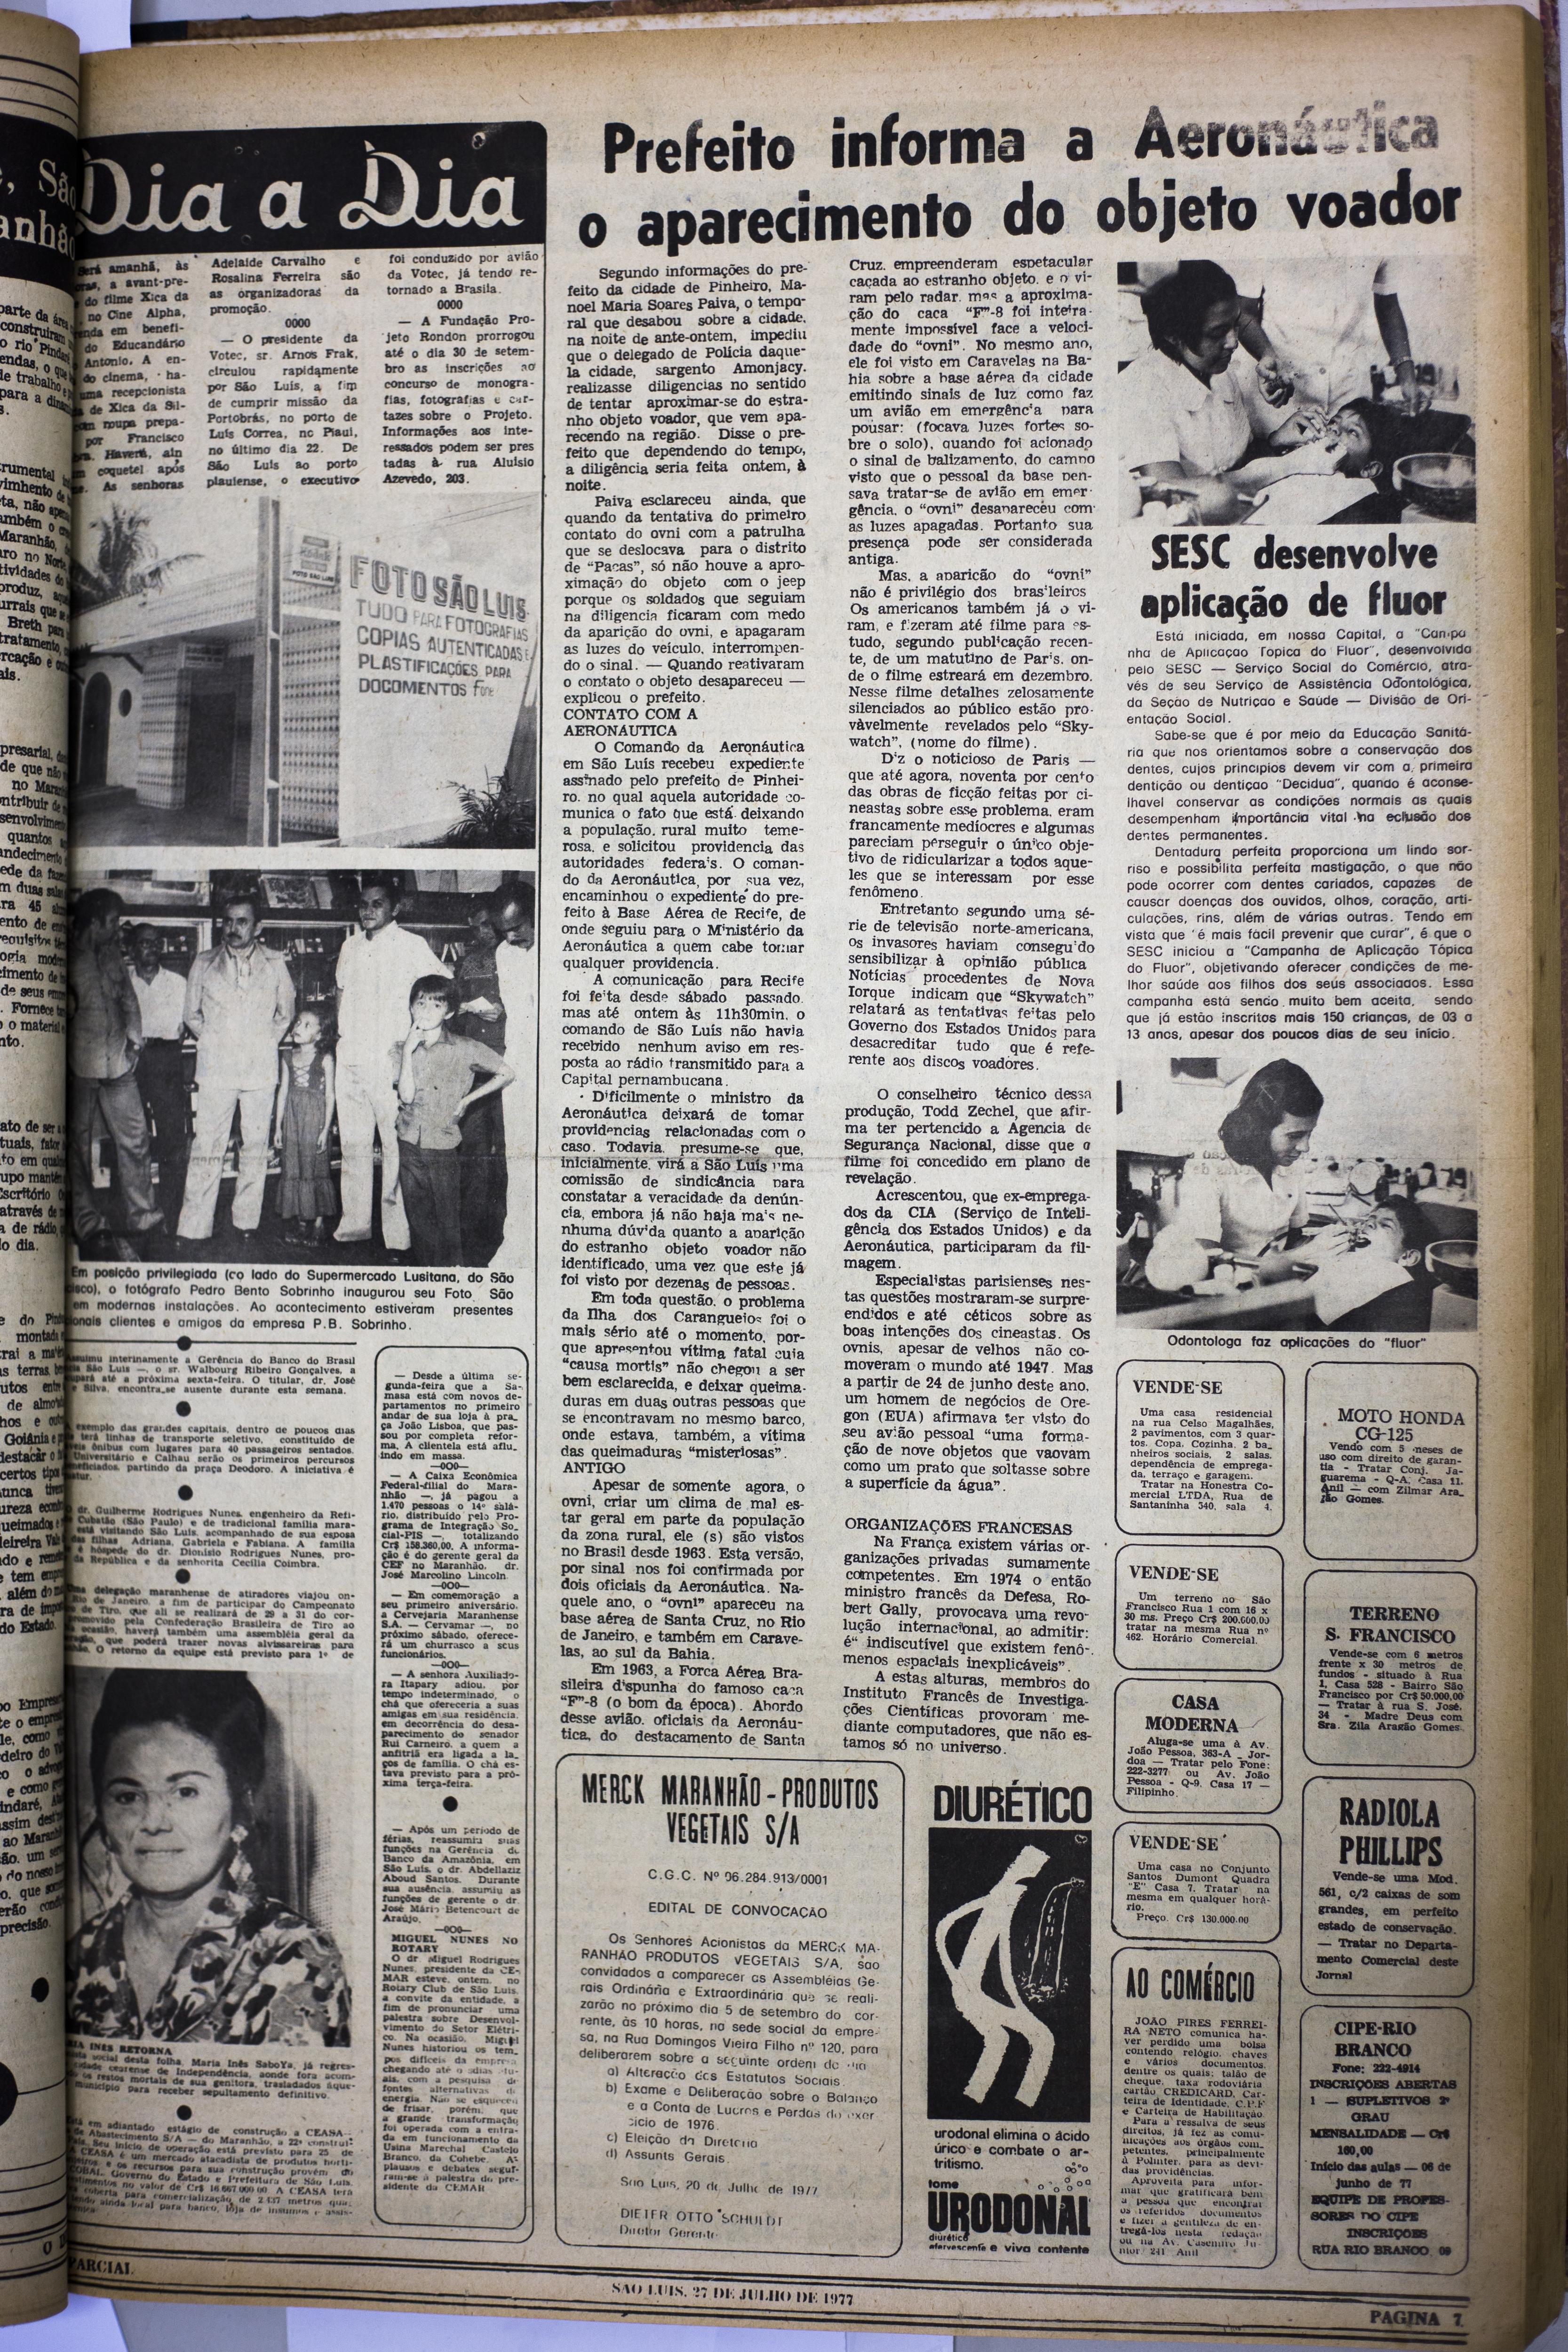 1418567e6f J- Jornal O Imparcial – 27 07 1977 – pg 07 – Prefeito informa a Aeronáutica  o aparecimento do objeto voador